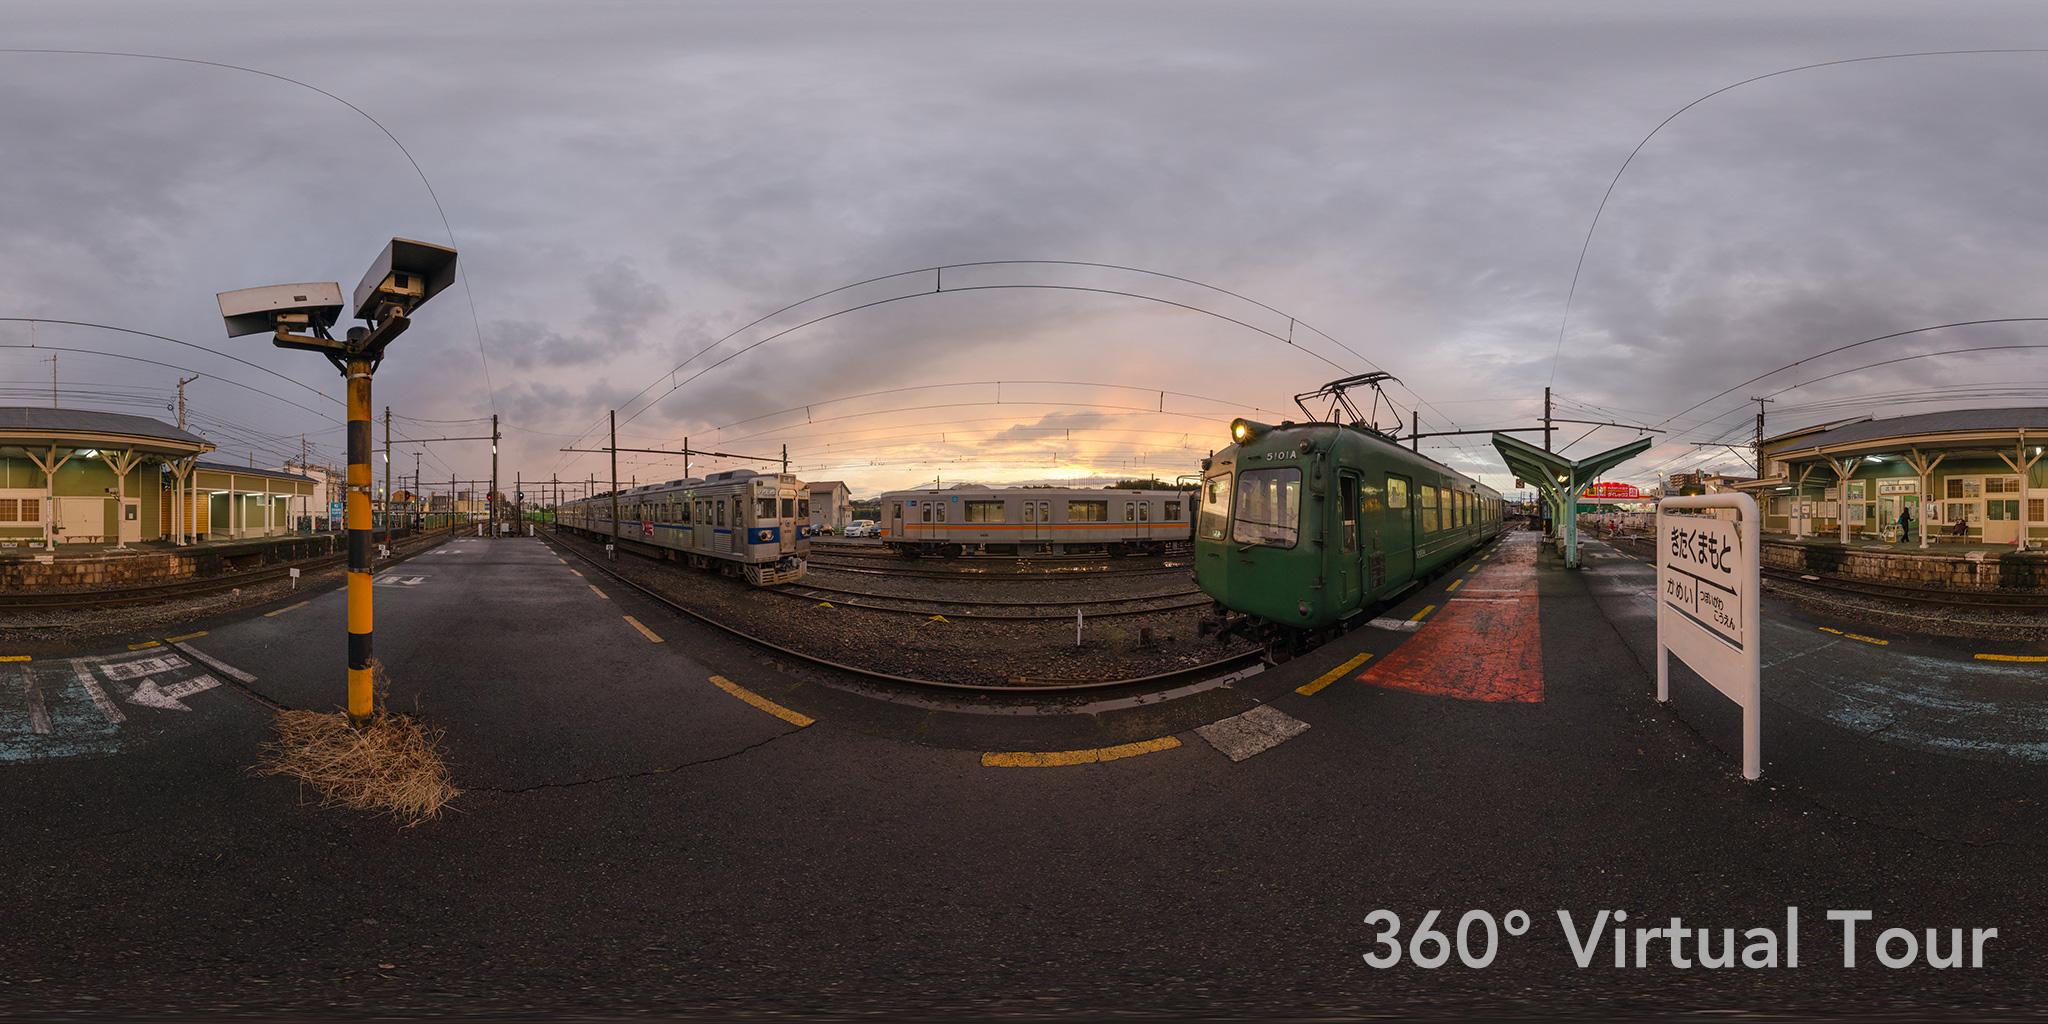 熊本電鉄5000系青ガエルを記録した360度バーチャル・ツアー